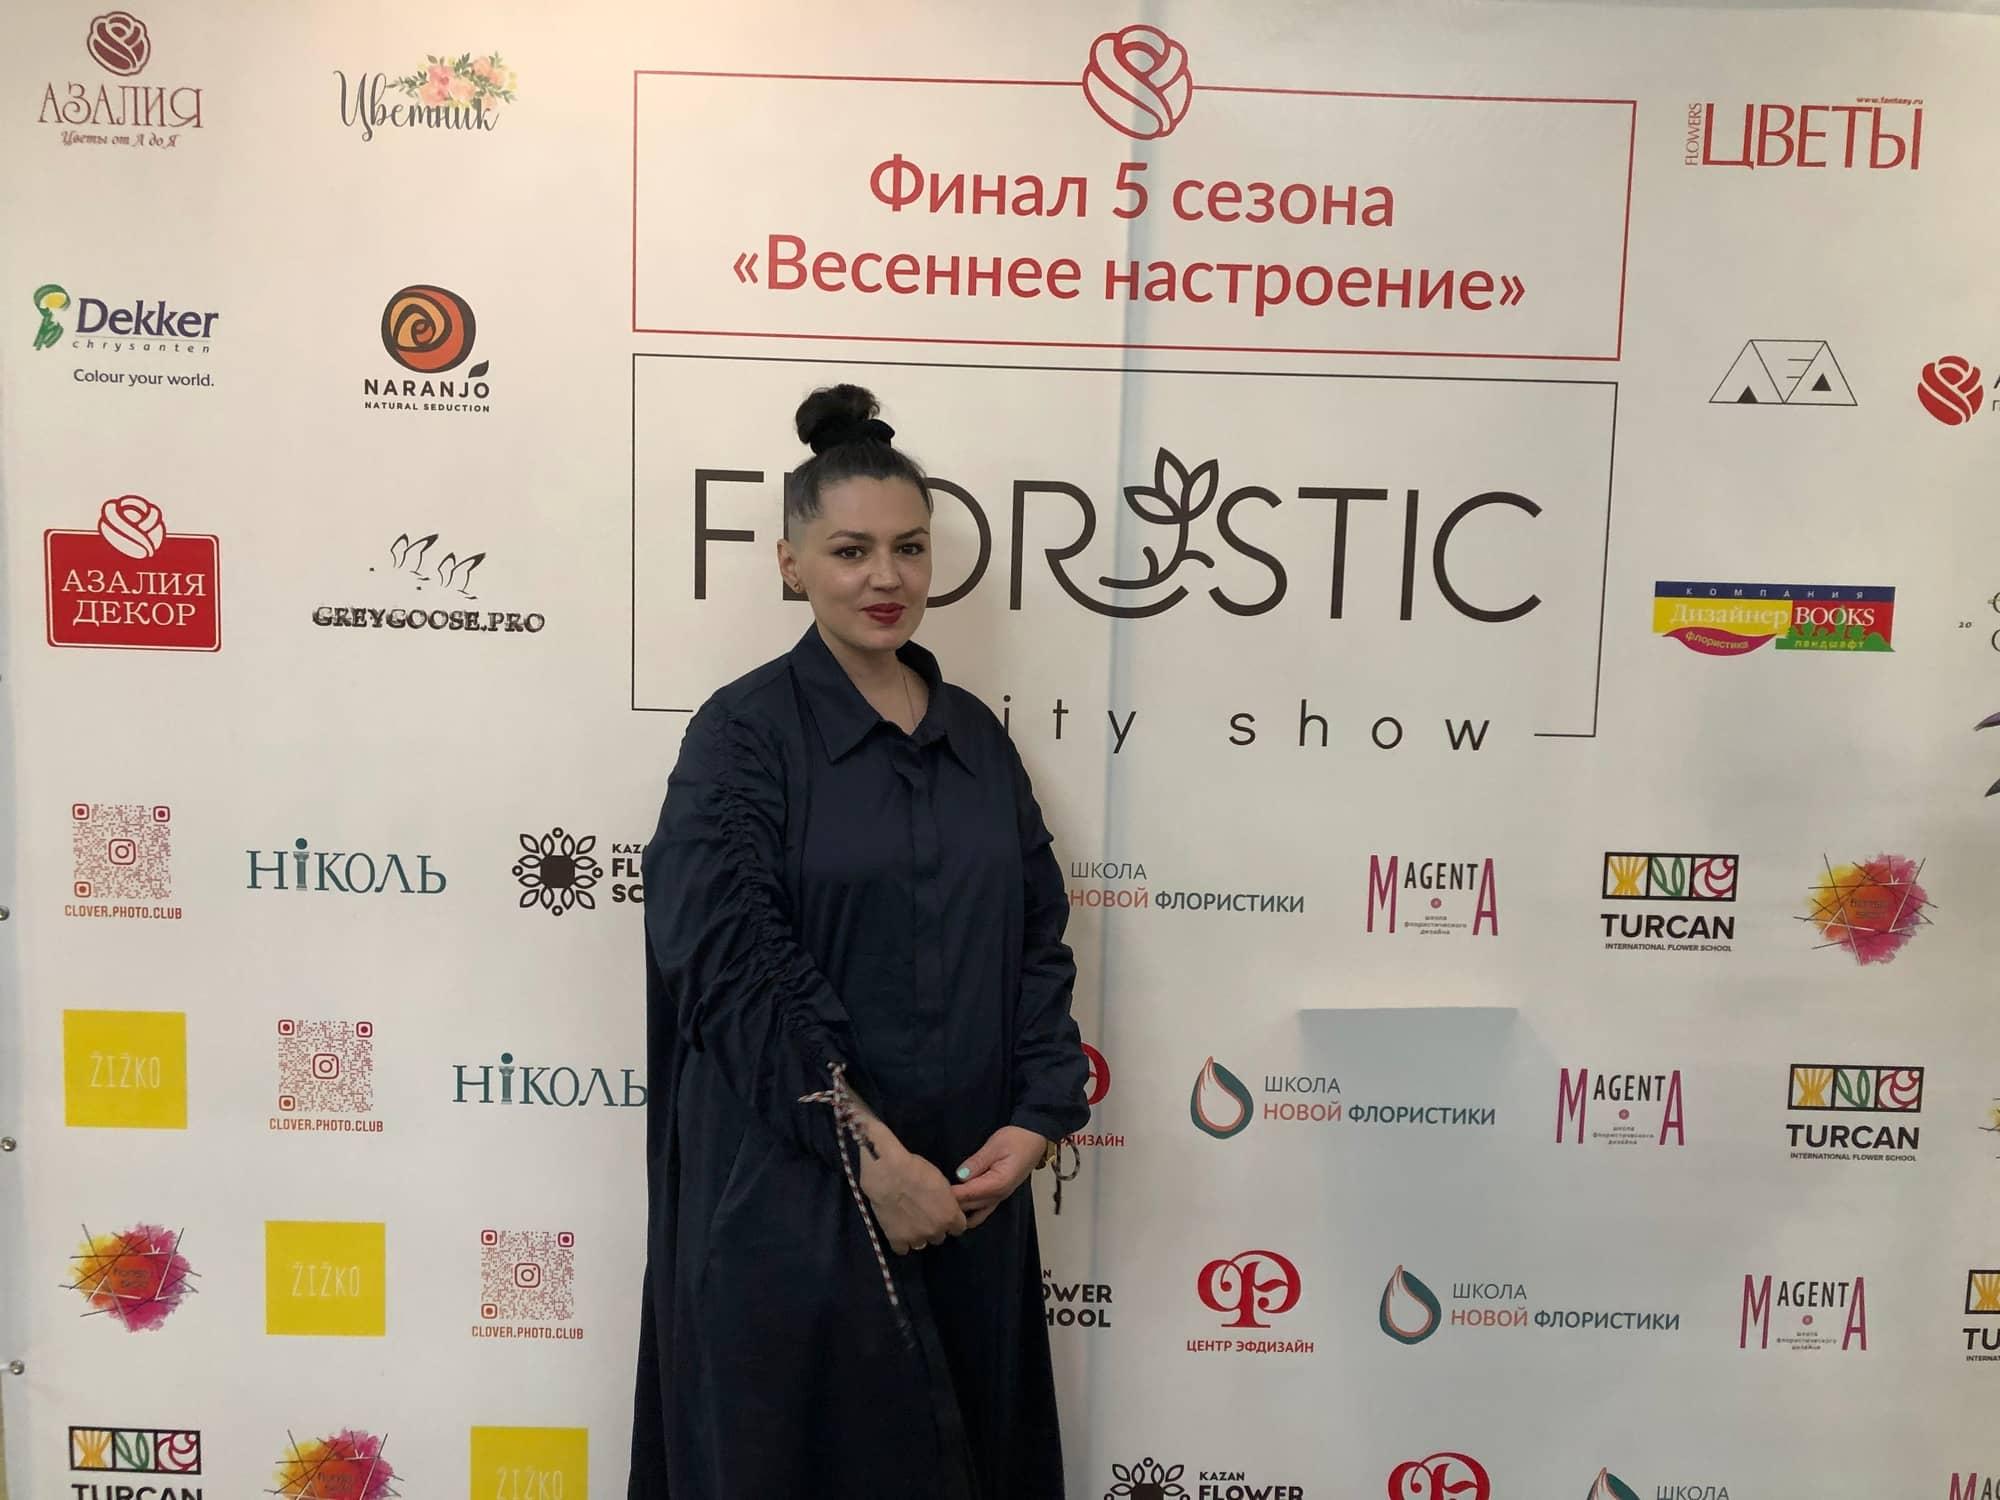 Партнеры 5 сезона РЕАЛИТИ ШОУ FLORISTIC